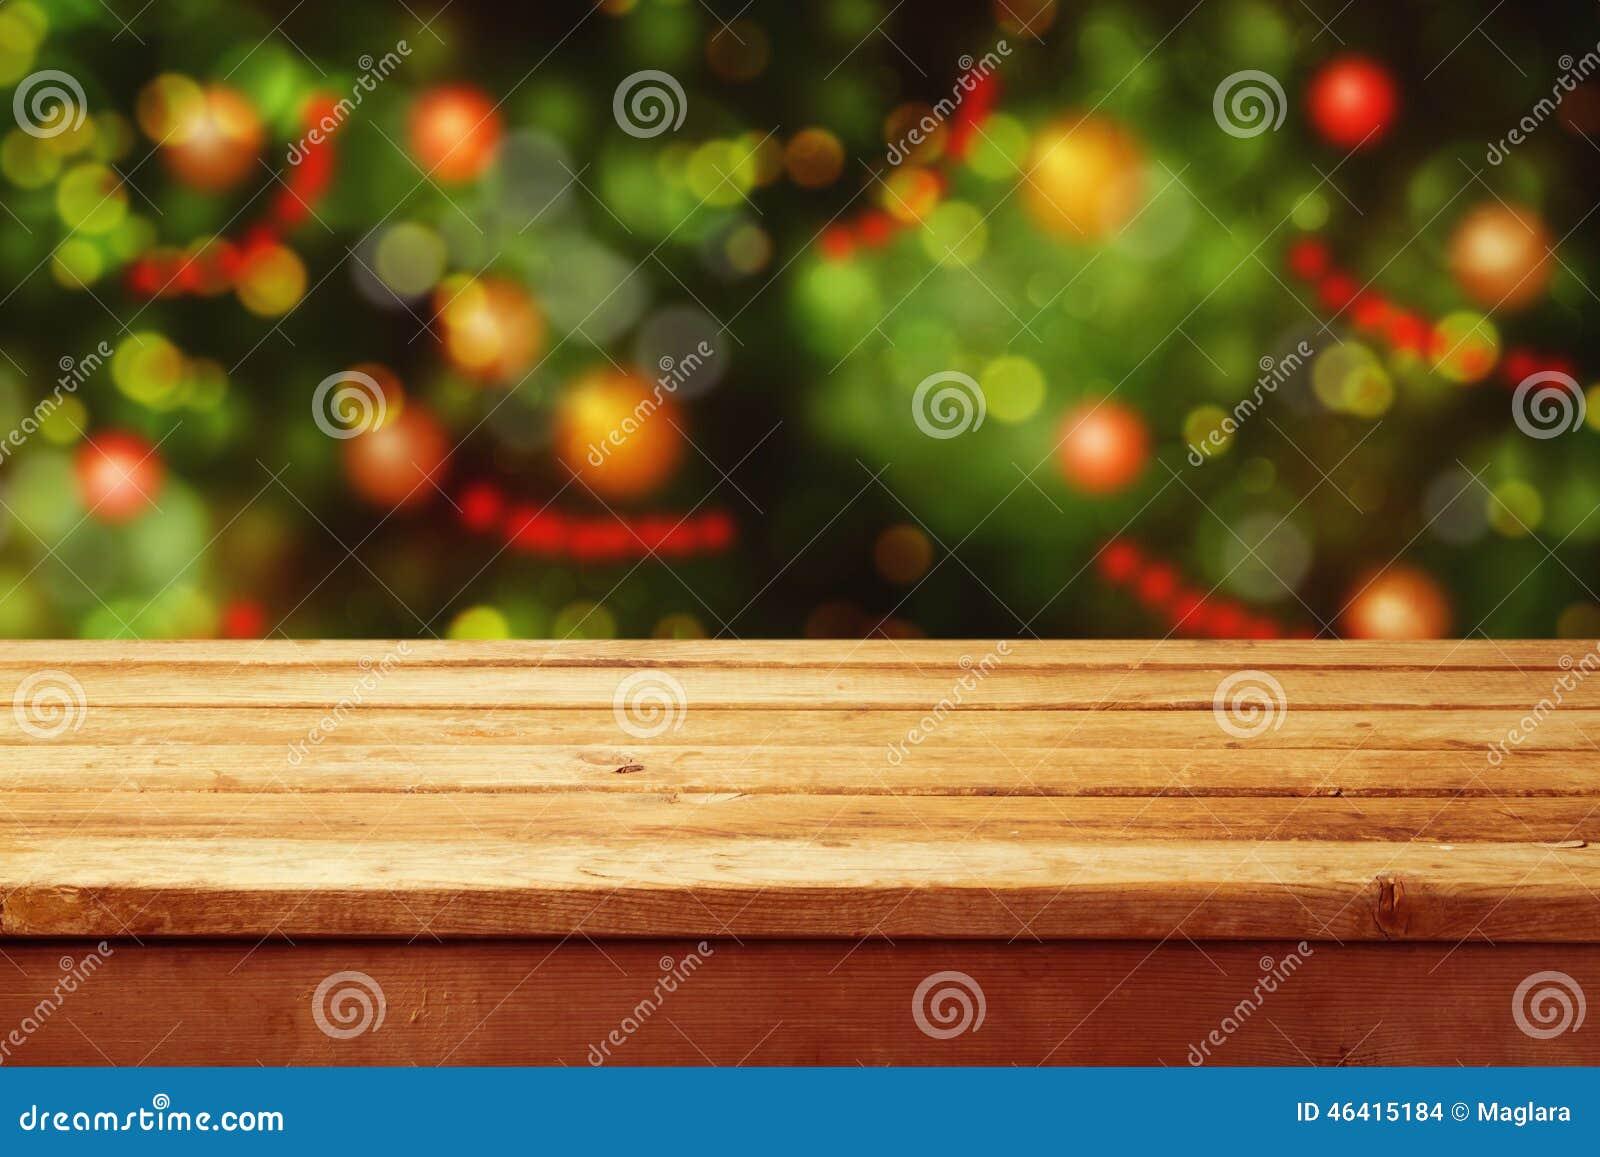 Fondo di festa di Natale con la tavola di legno vuota della piattaforma sopra bokeh festivo Aspetti per il montaggio del prodotto